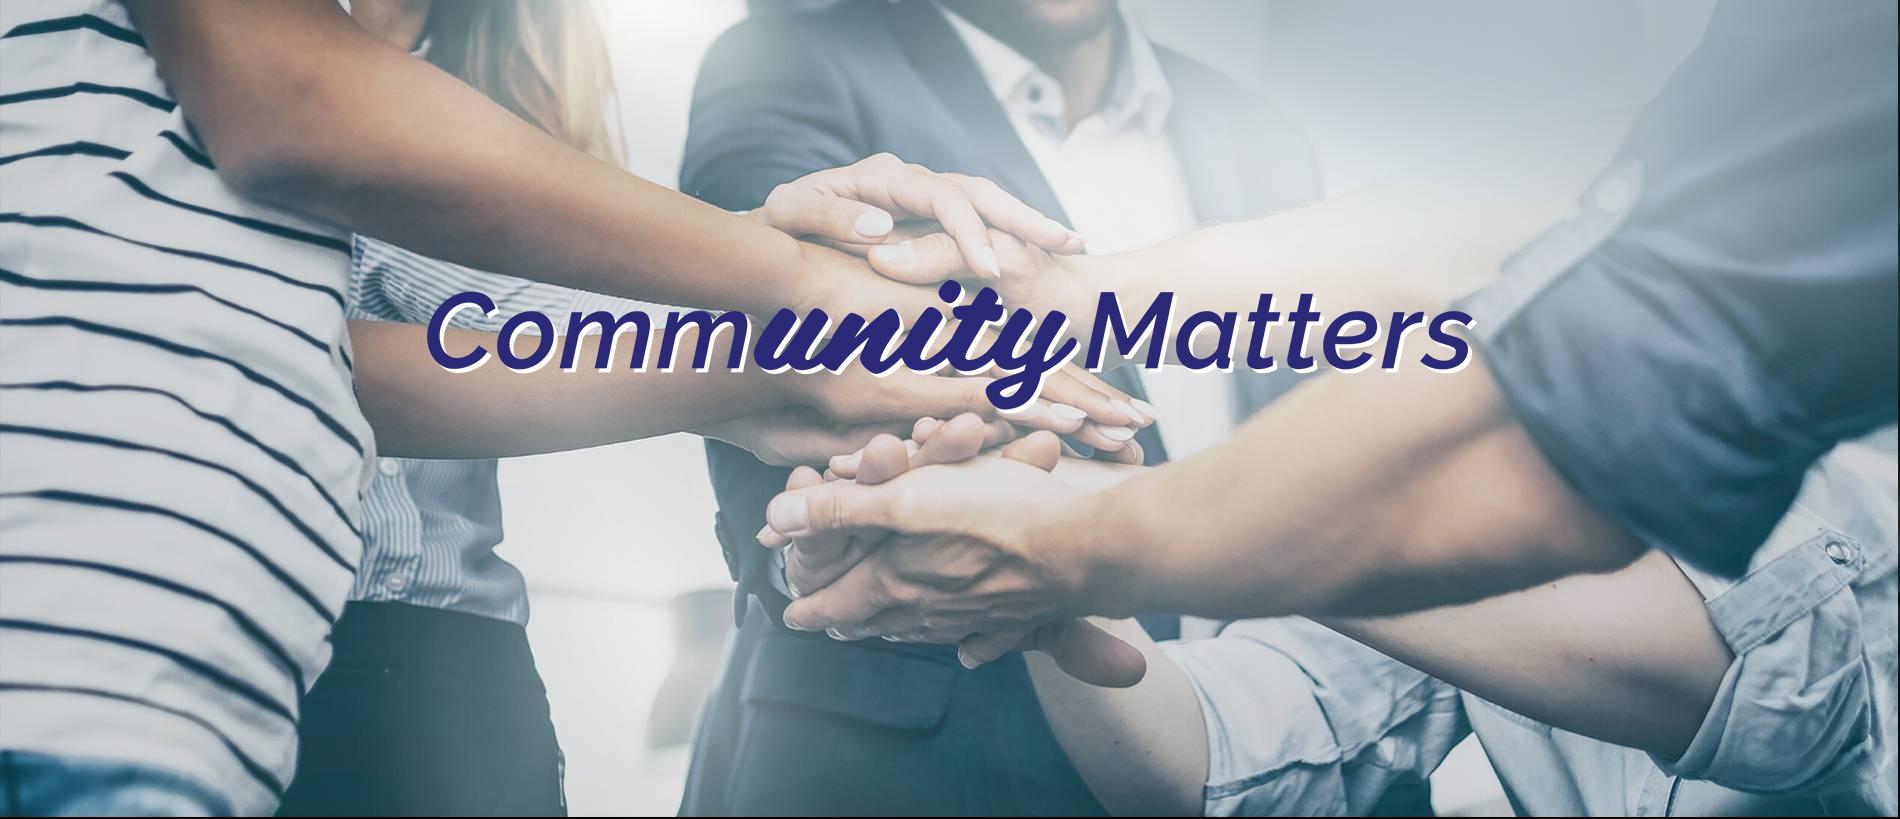 Communitymattersbanner 1